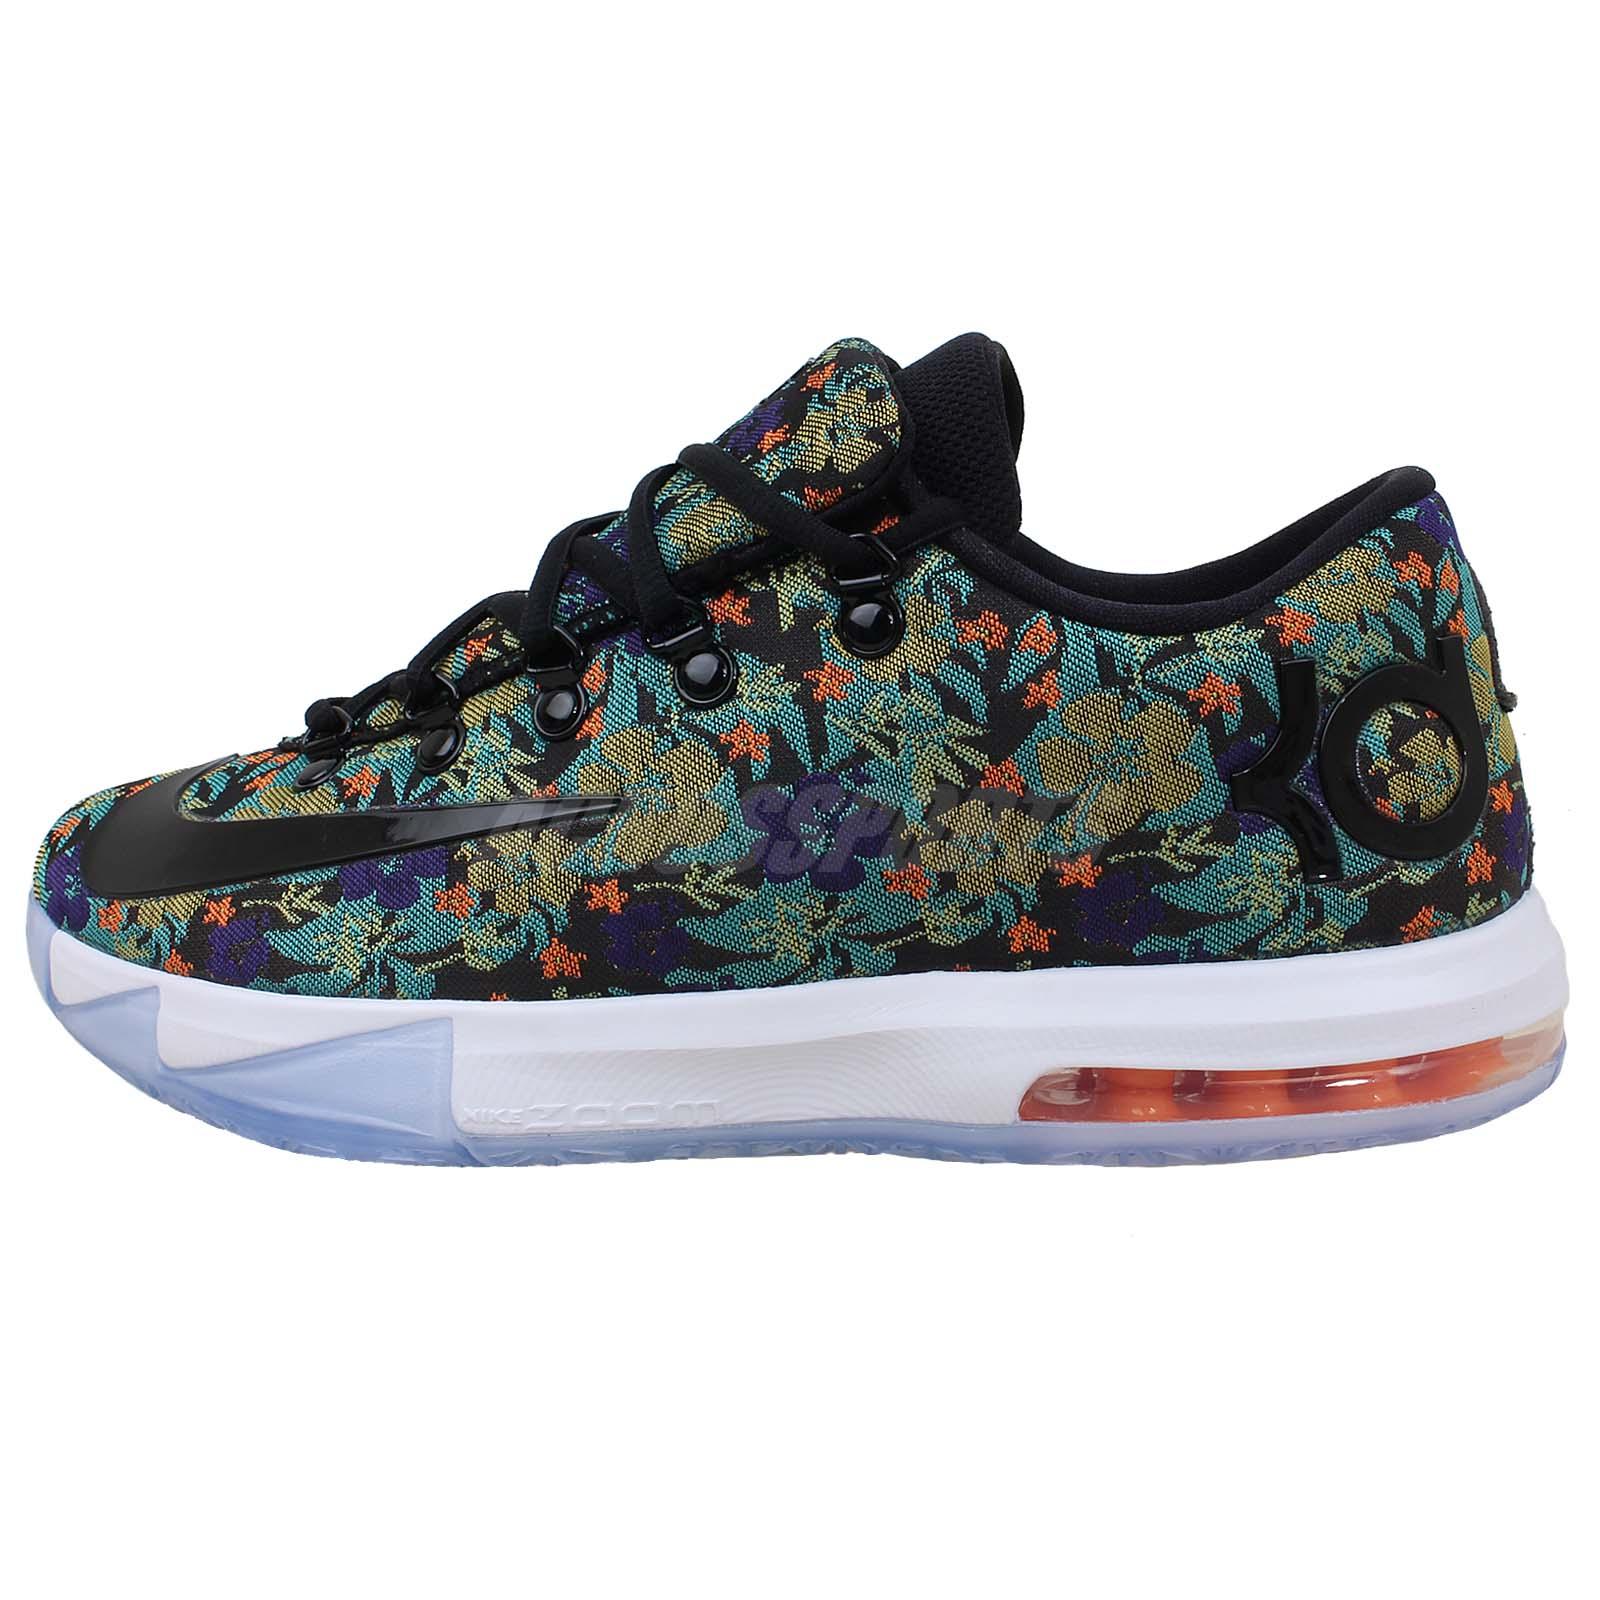 Kd Floral Shoes Nike KD VI EXT QS Flor...